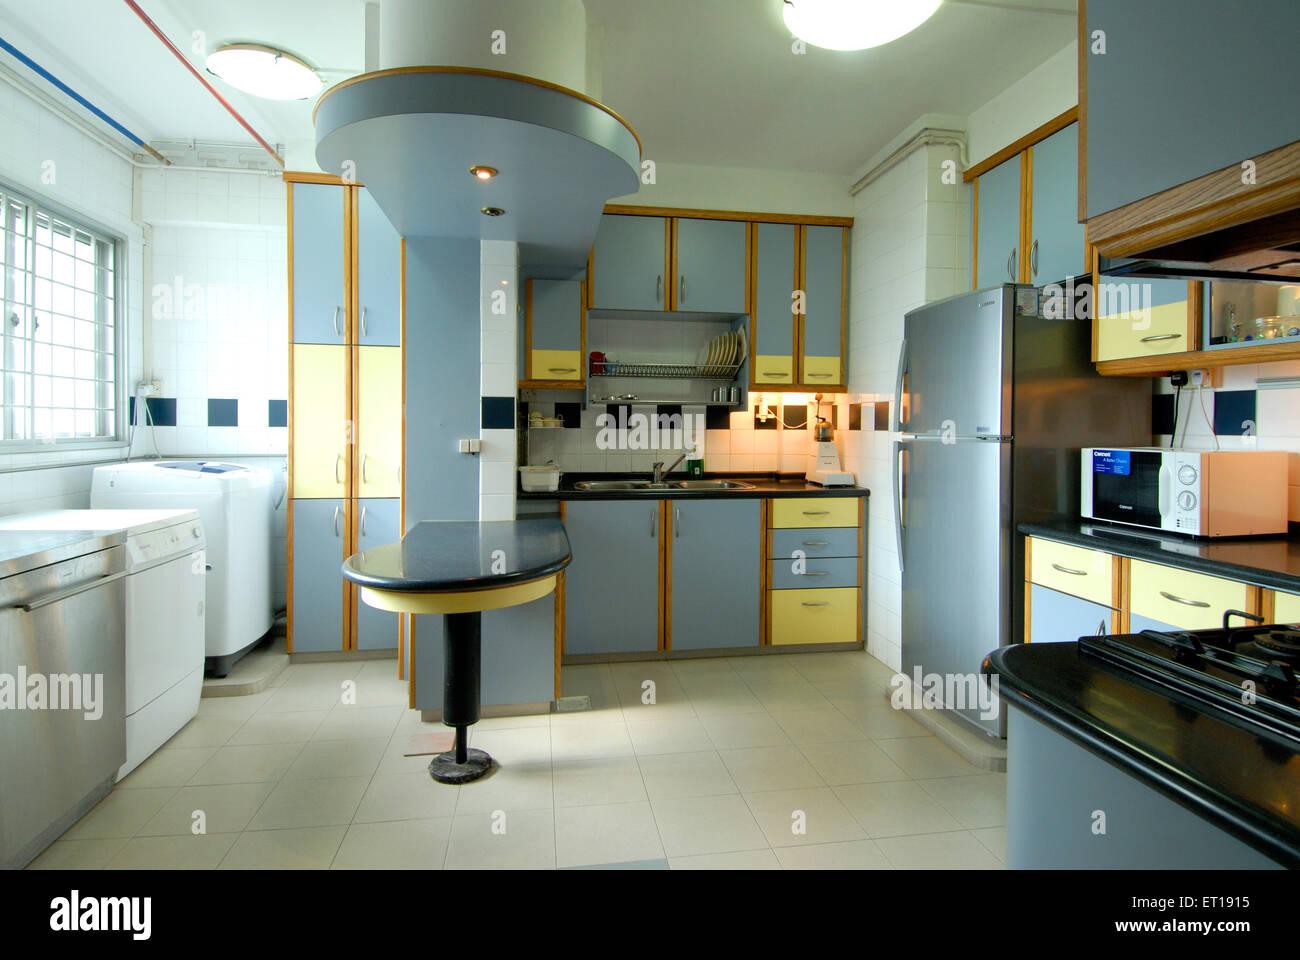 Küche Innenraum neue Möbel Schränke Schränke Backofen Tabelle-pr Nr ...